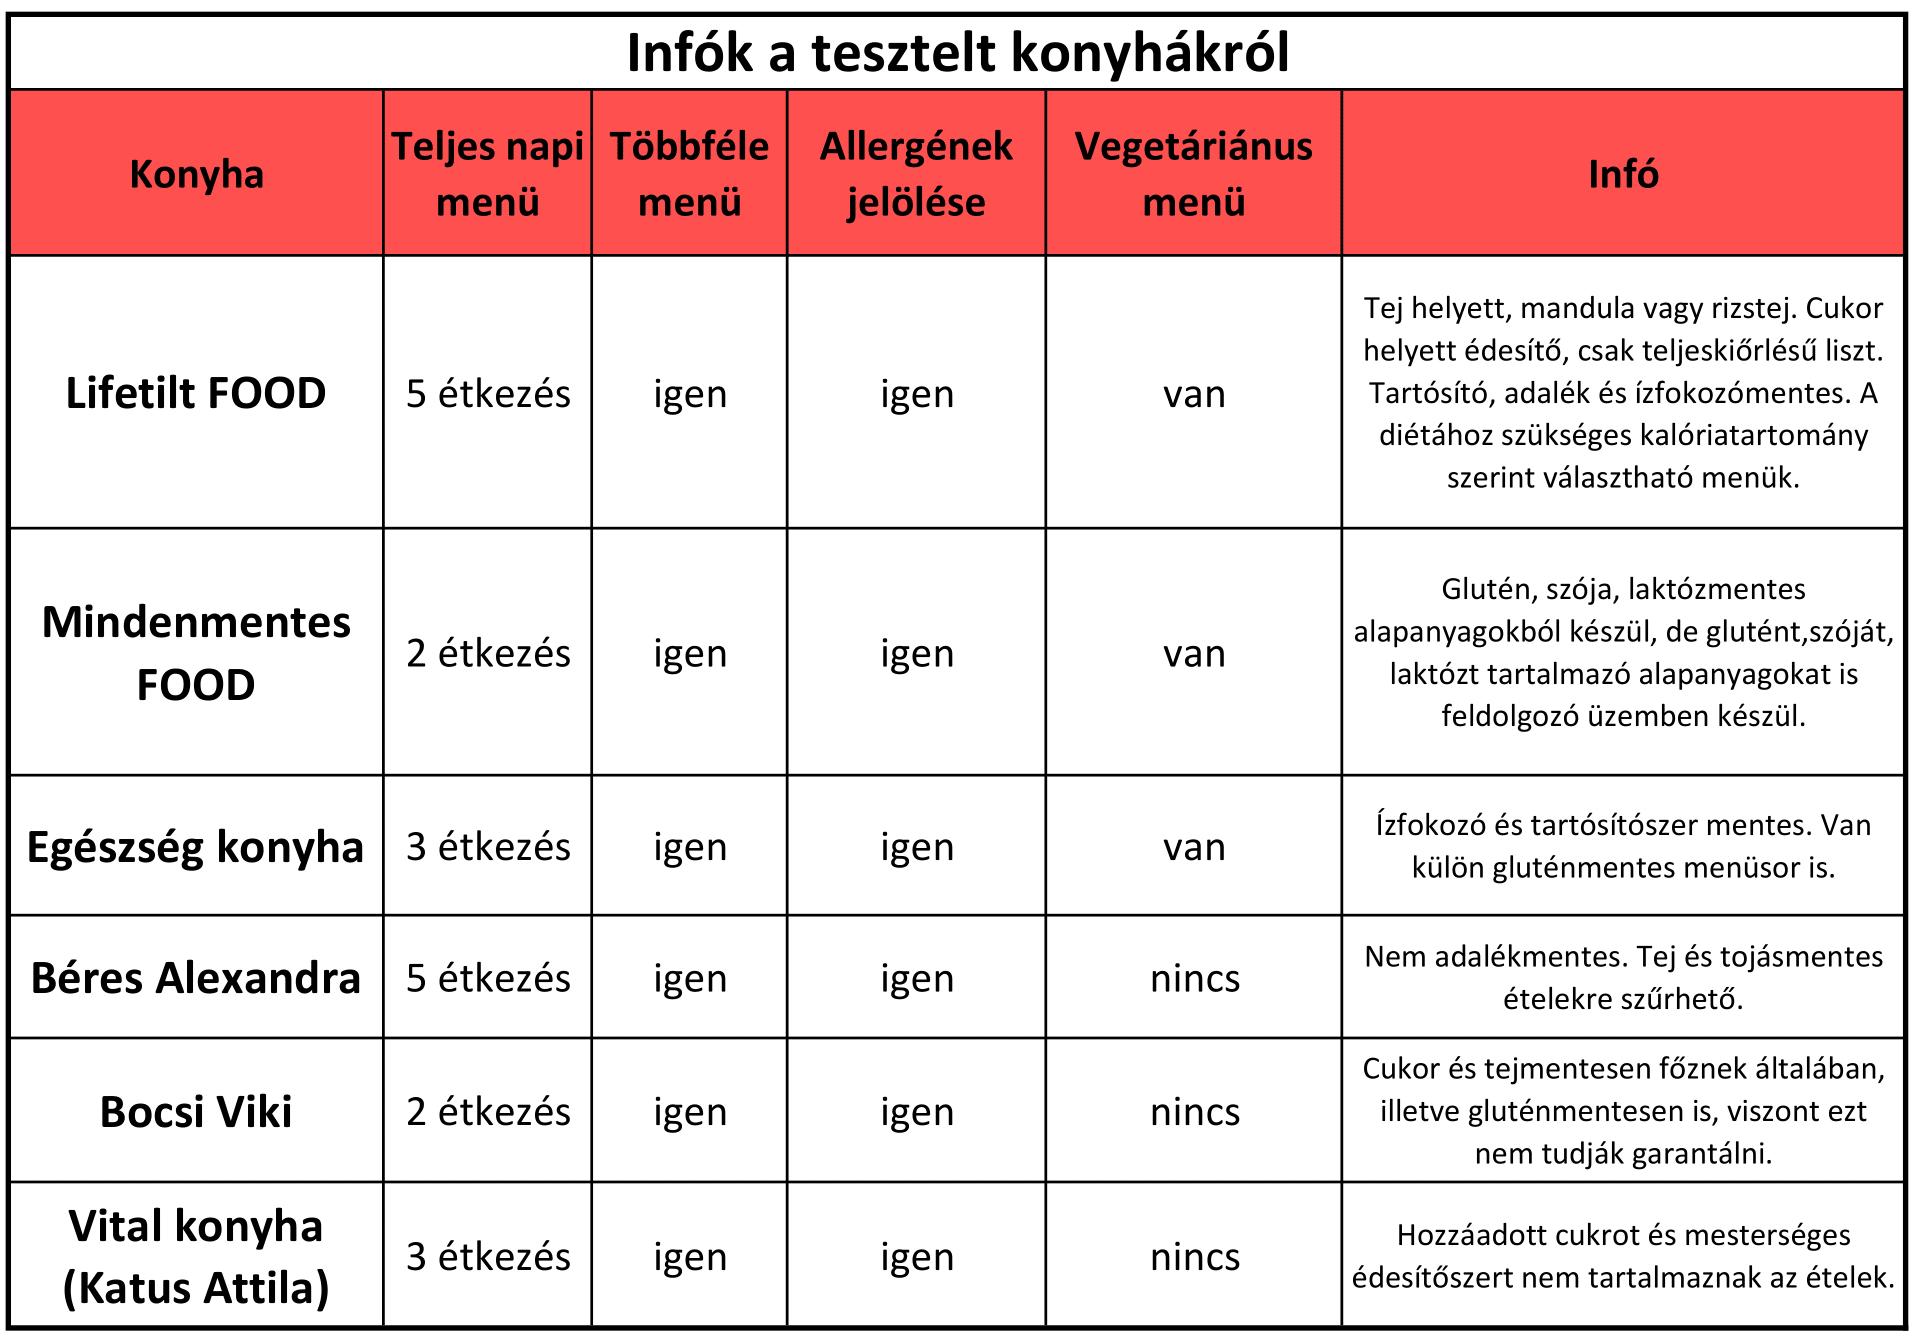 etel_rendeles_teszt2-1_1.png